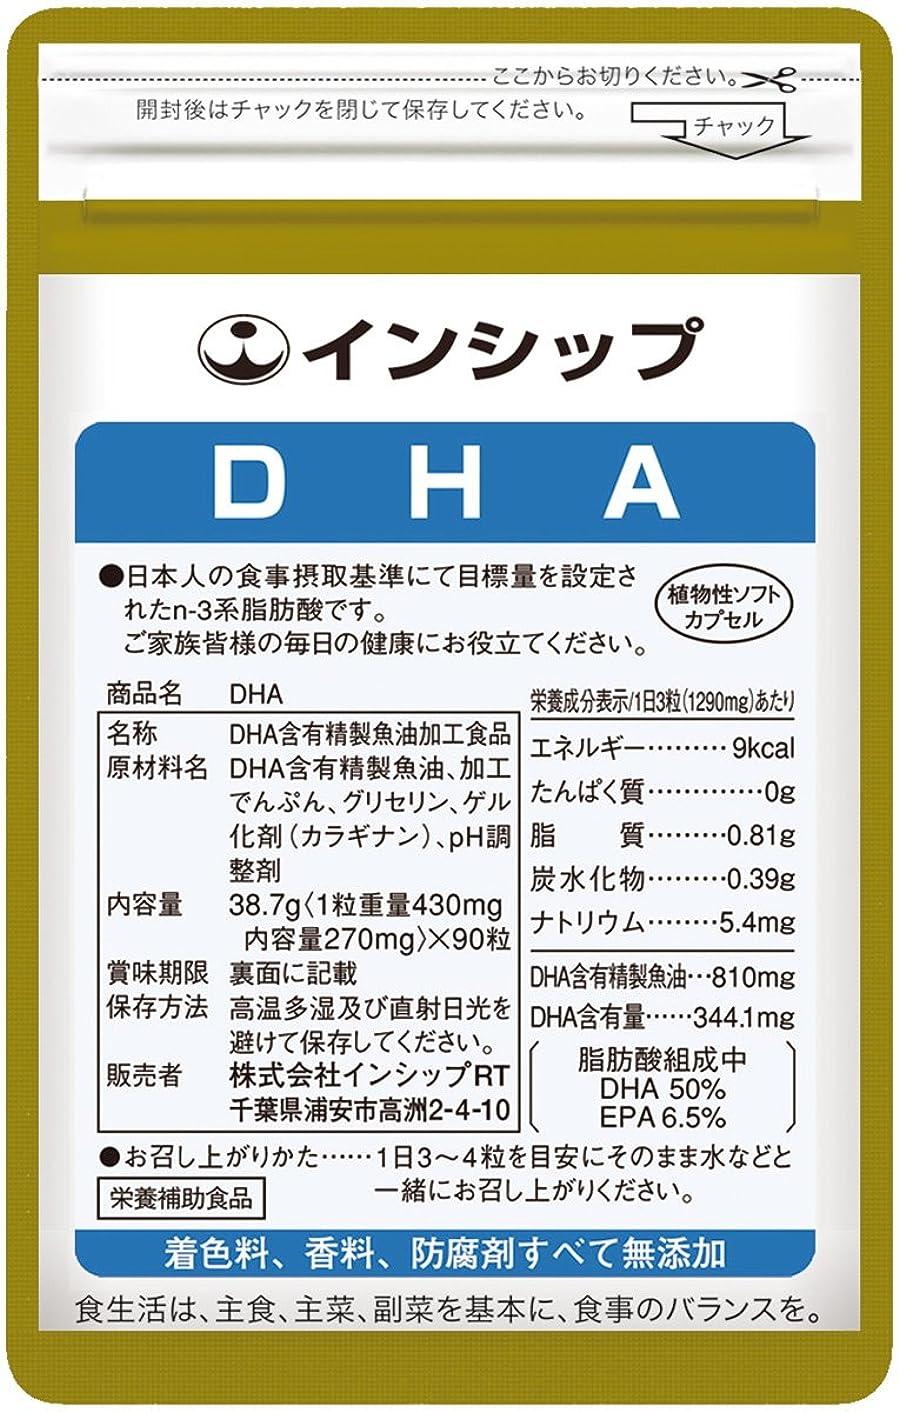 インシップ DHA(ドコサヘキサエン酸) 430mg×90粒 30日分